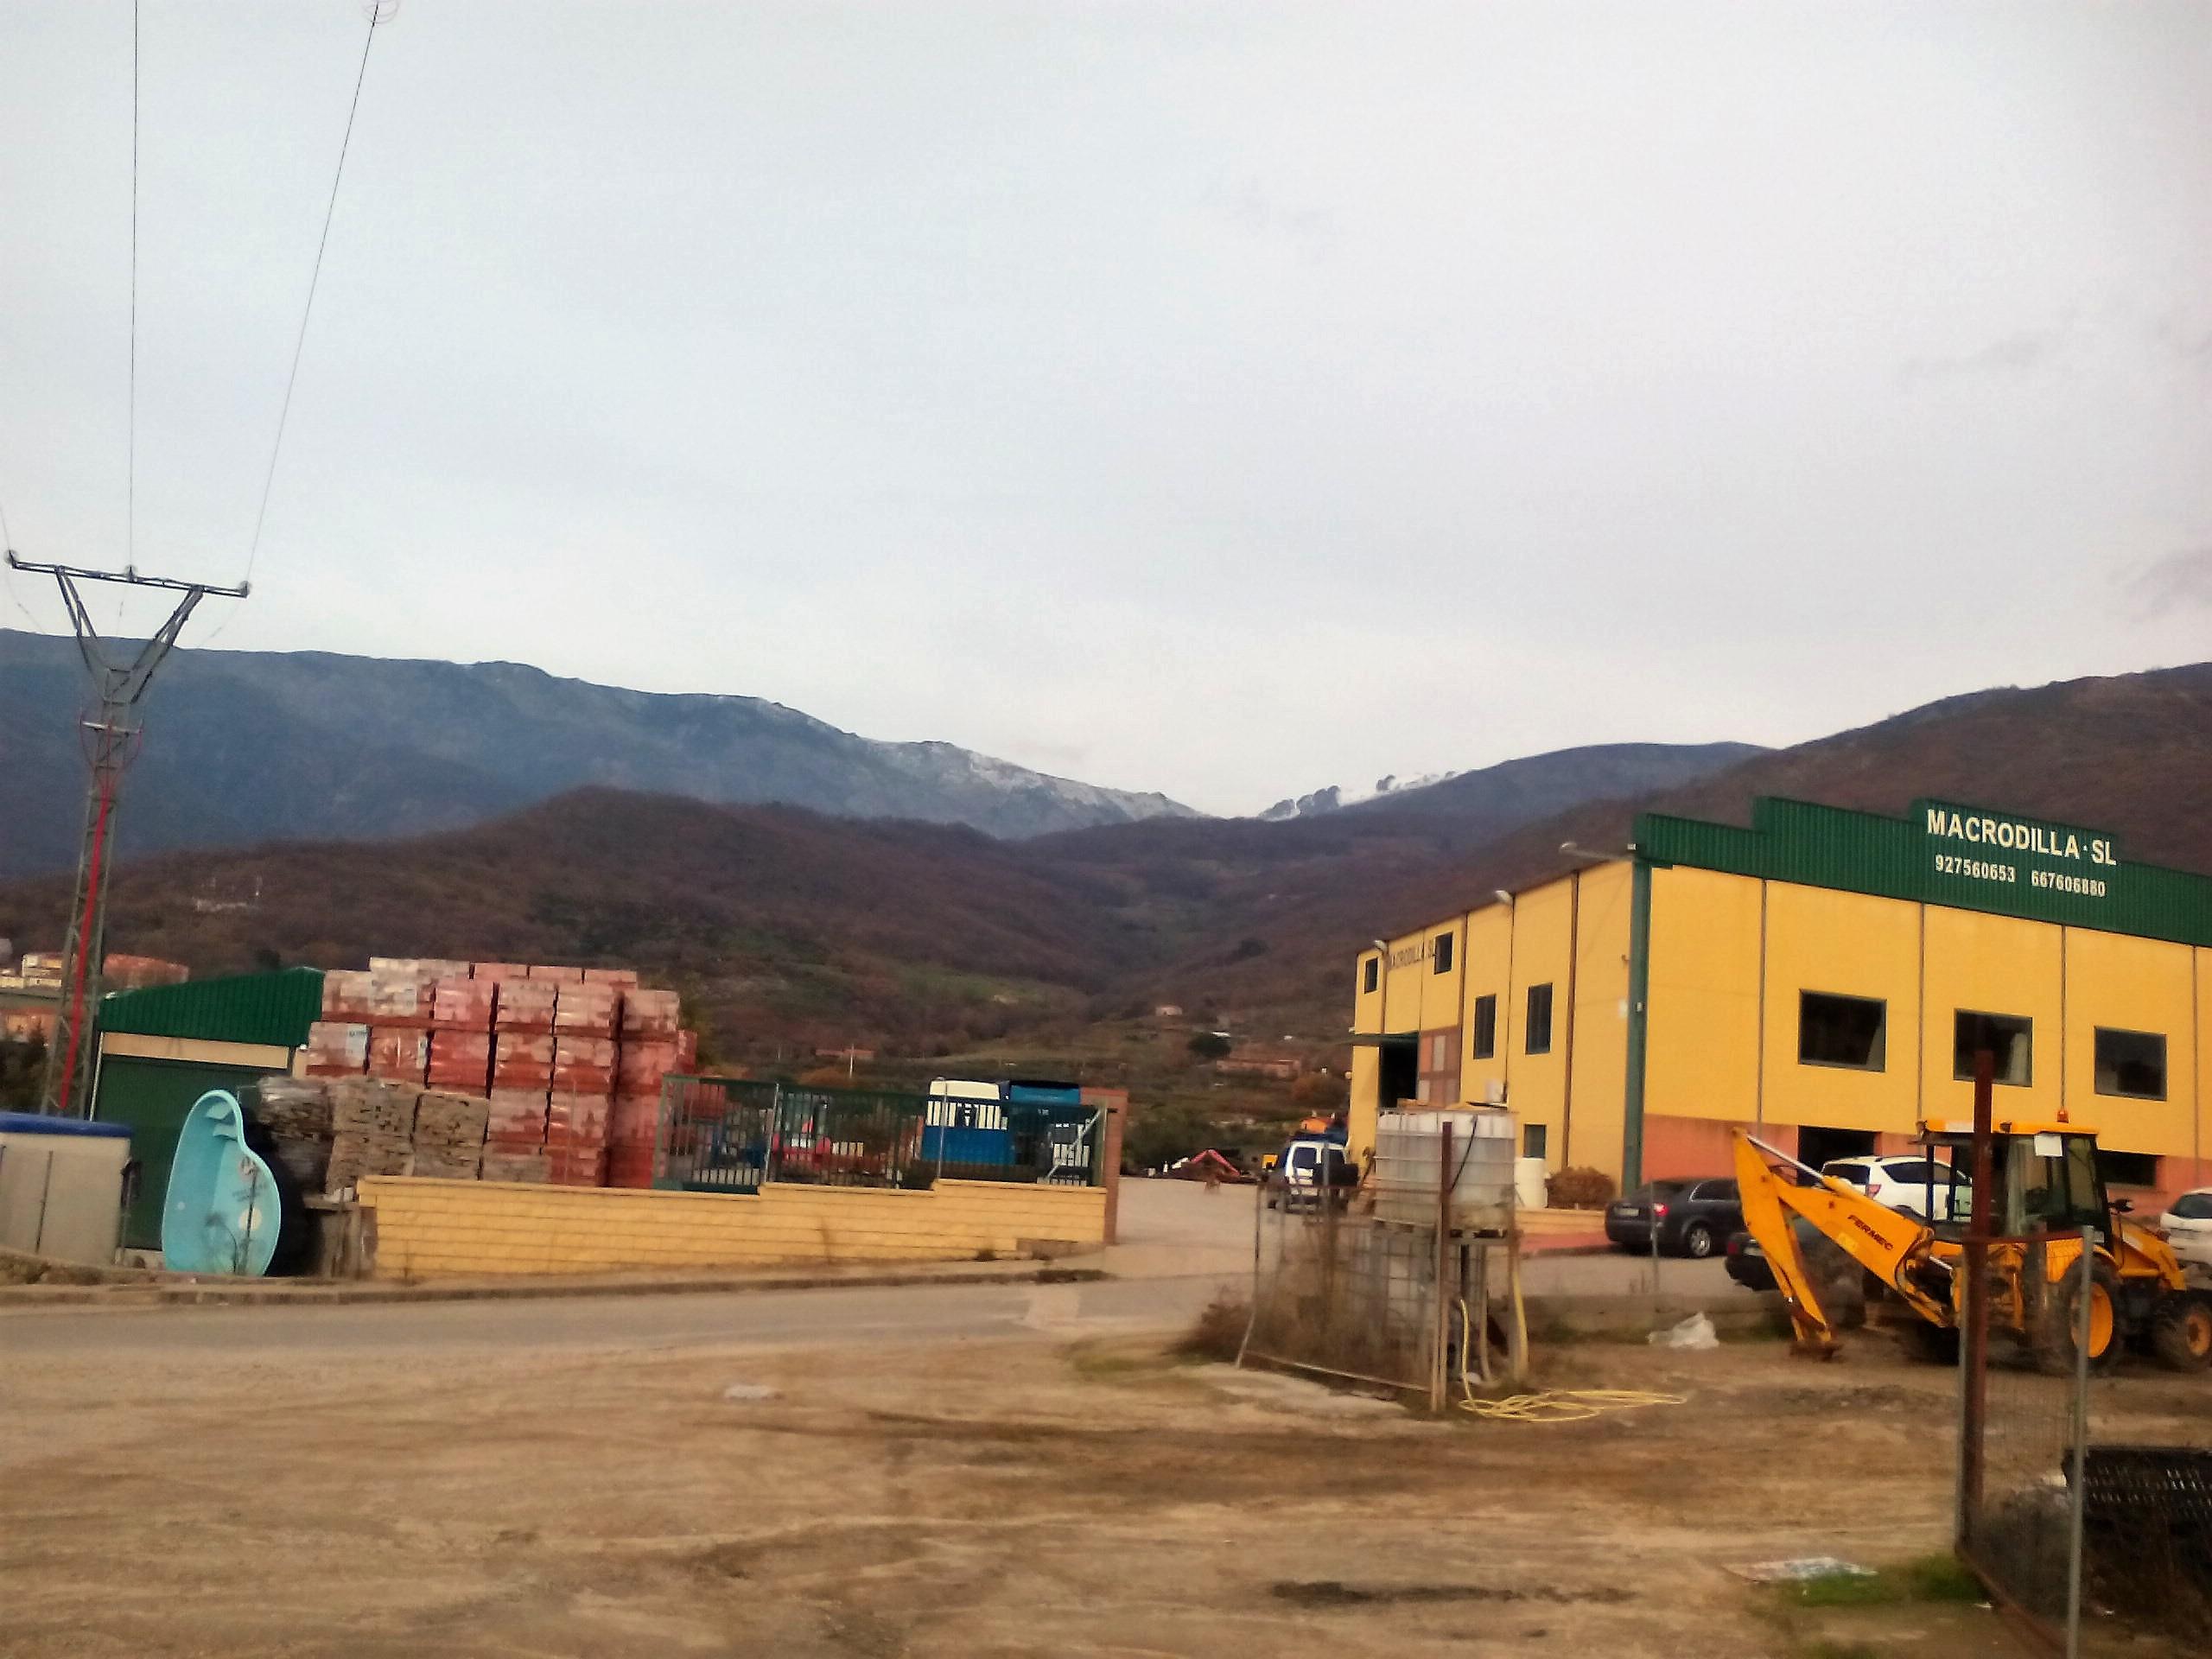 Materiales de construcci n y transportes en jarandilla de - Materiales de construccion tarragona ...